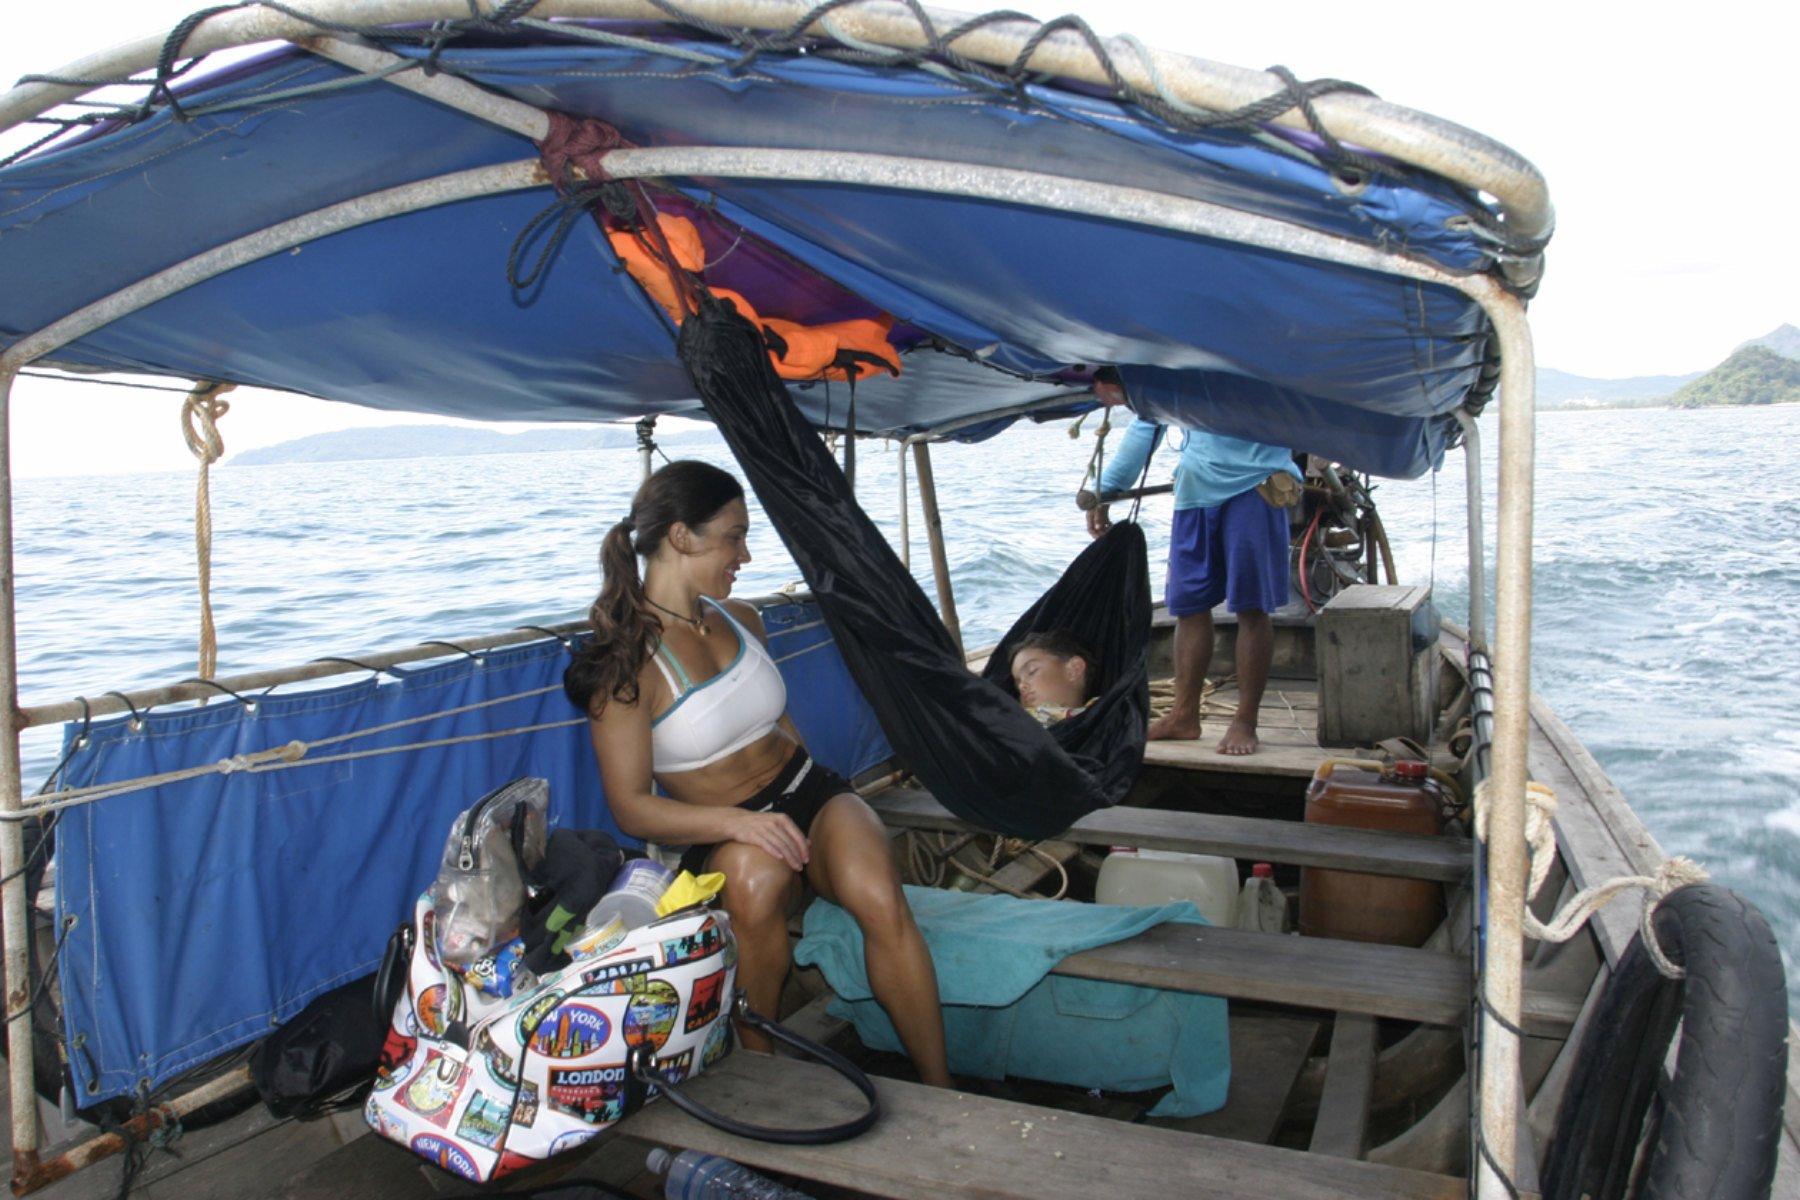 ld-sleeping-on-boat-in-hammock-thailand-200710-24-2011